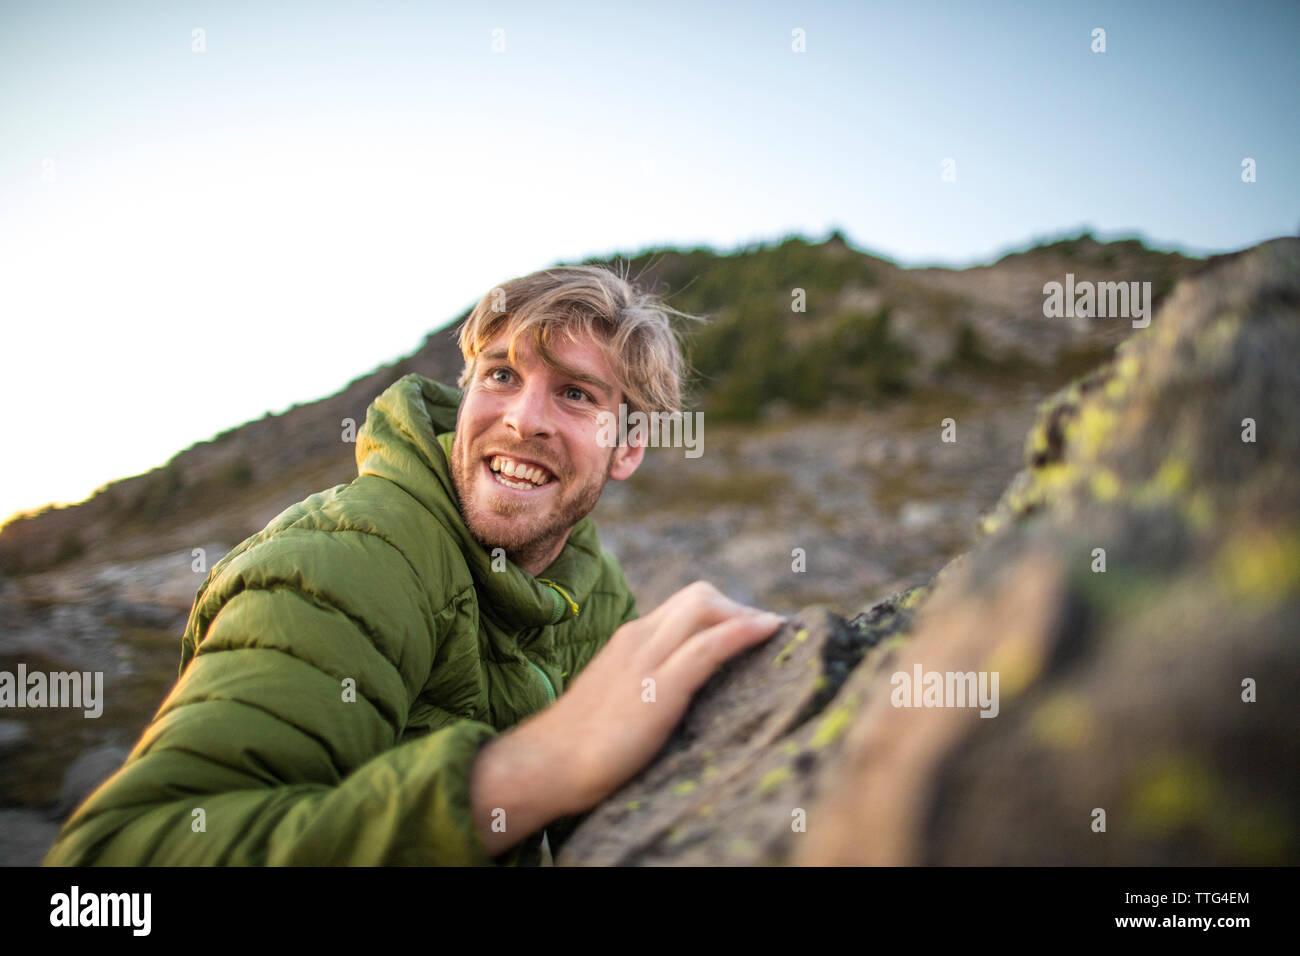 Vista lateral del hombre feliz la escalada en roca. Foto de stock